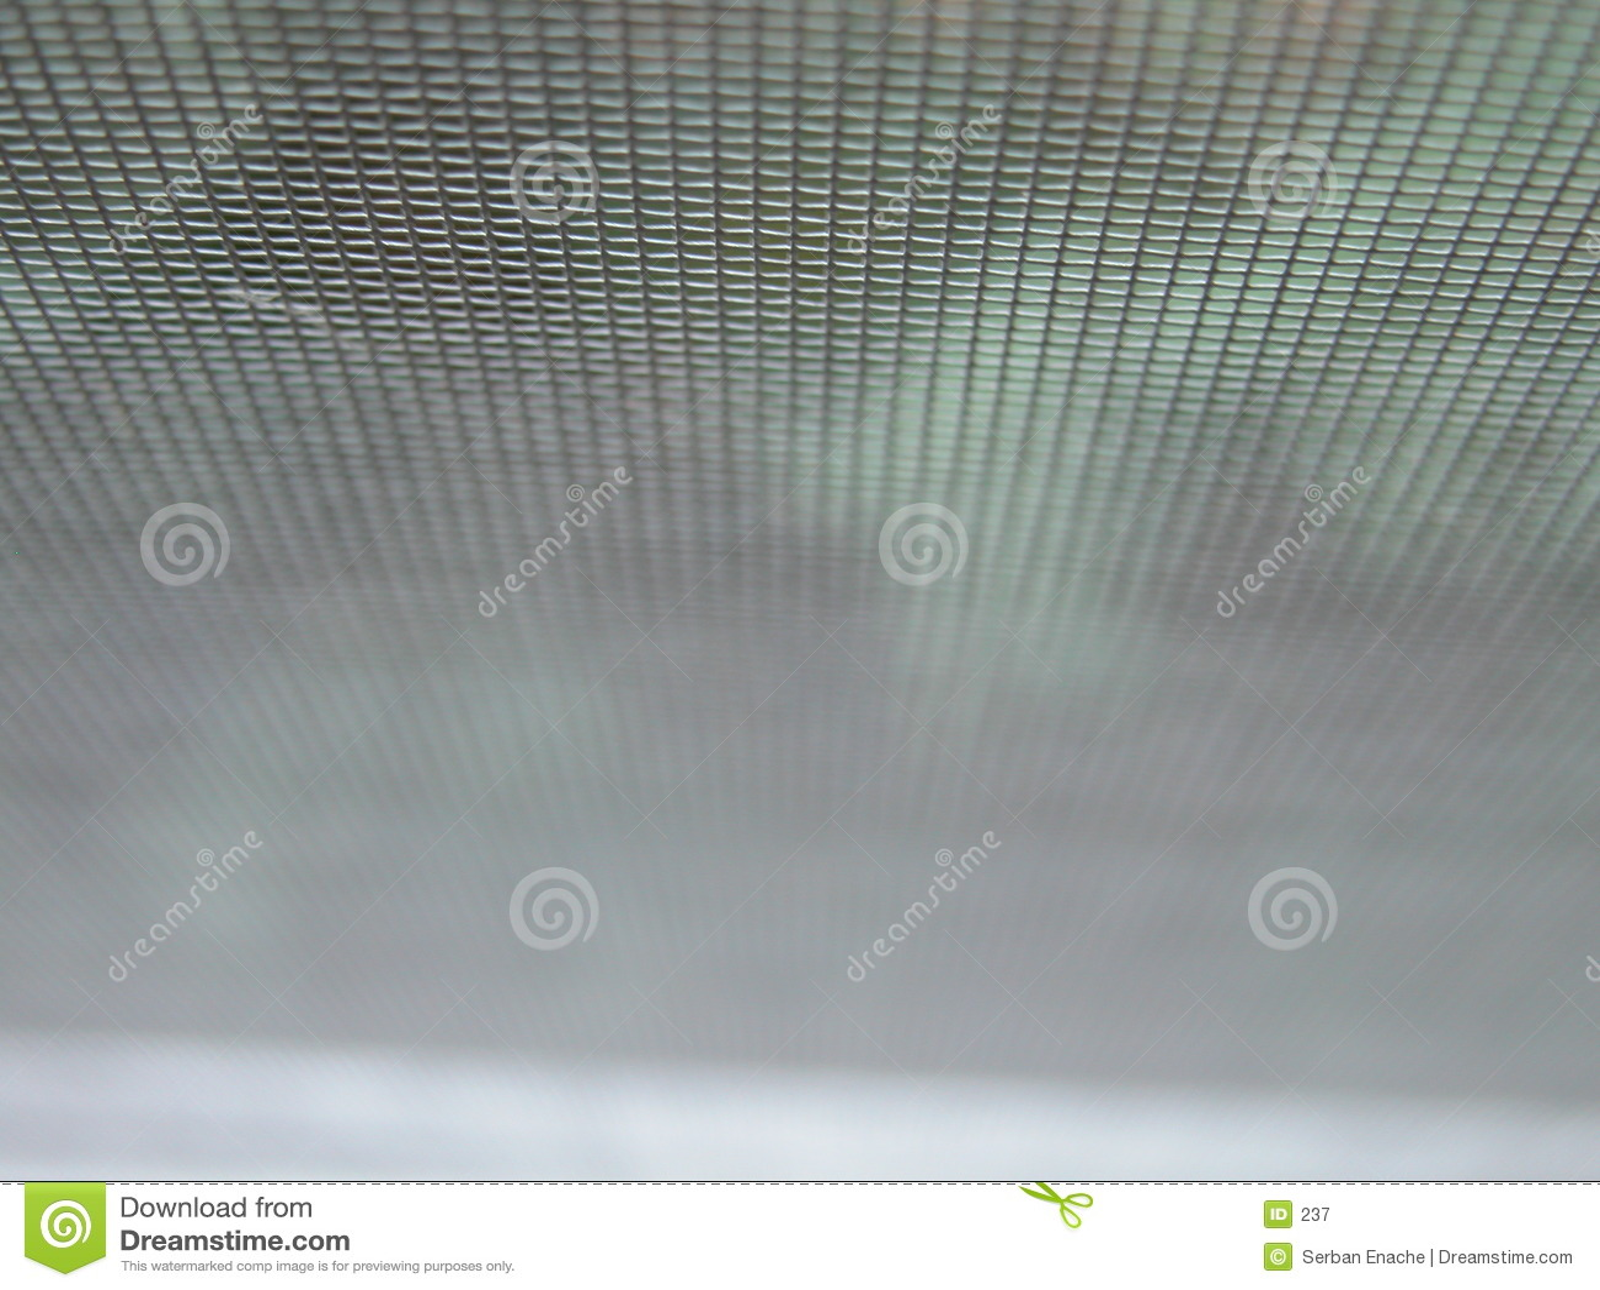 Particolare di una rete metallica